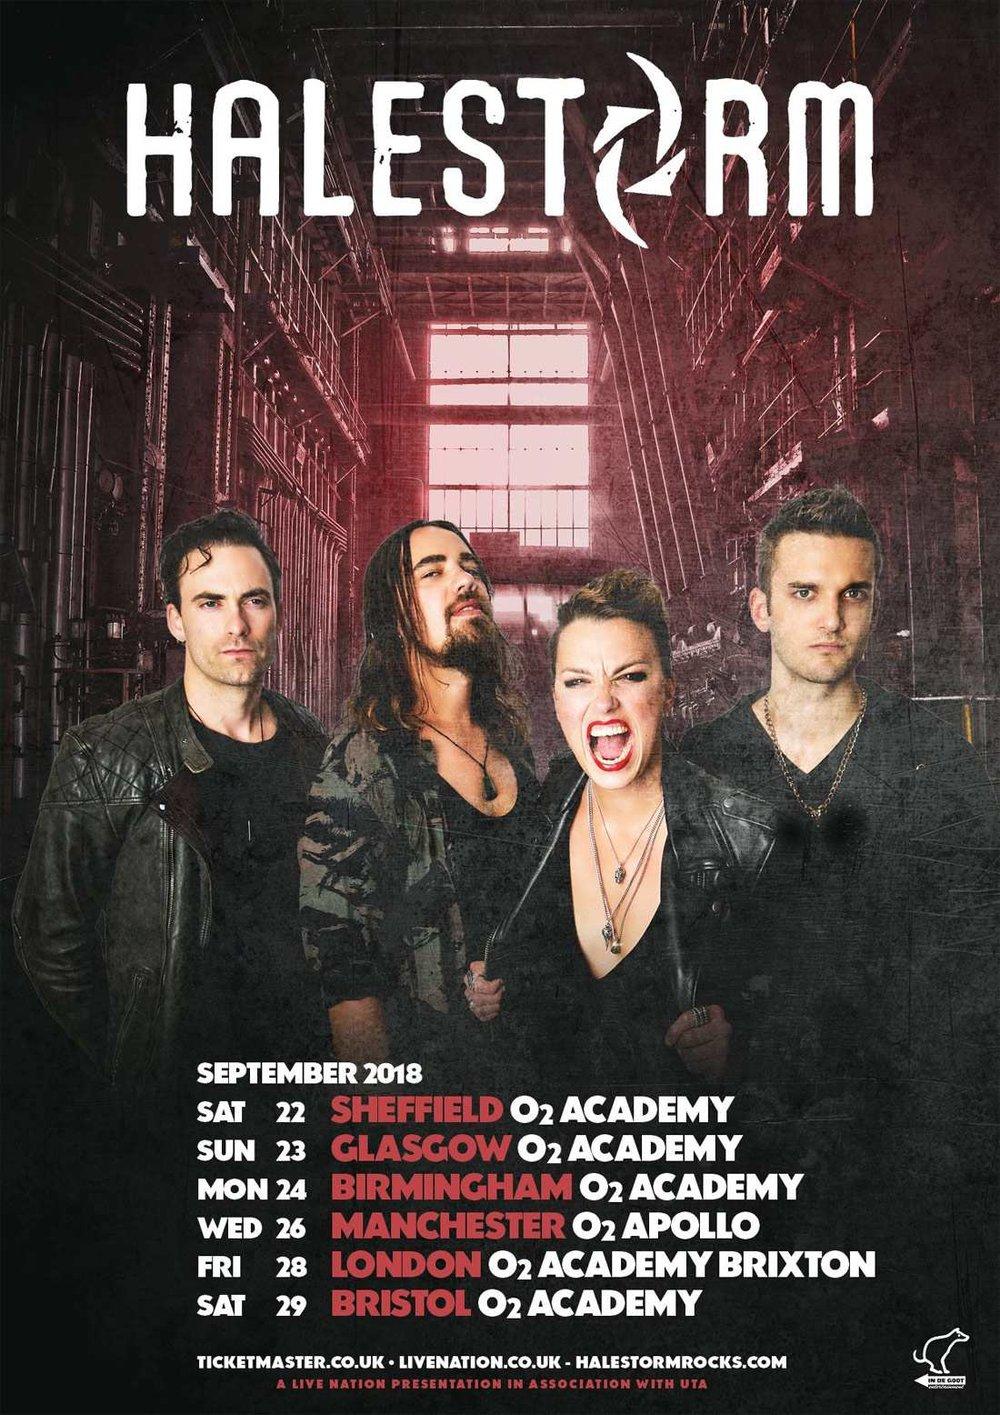 halestorm-2018-uk-tour.jpg